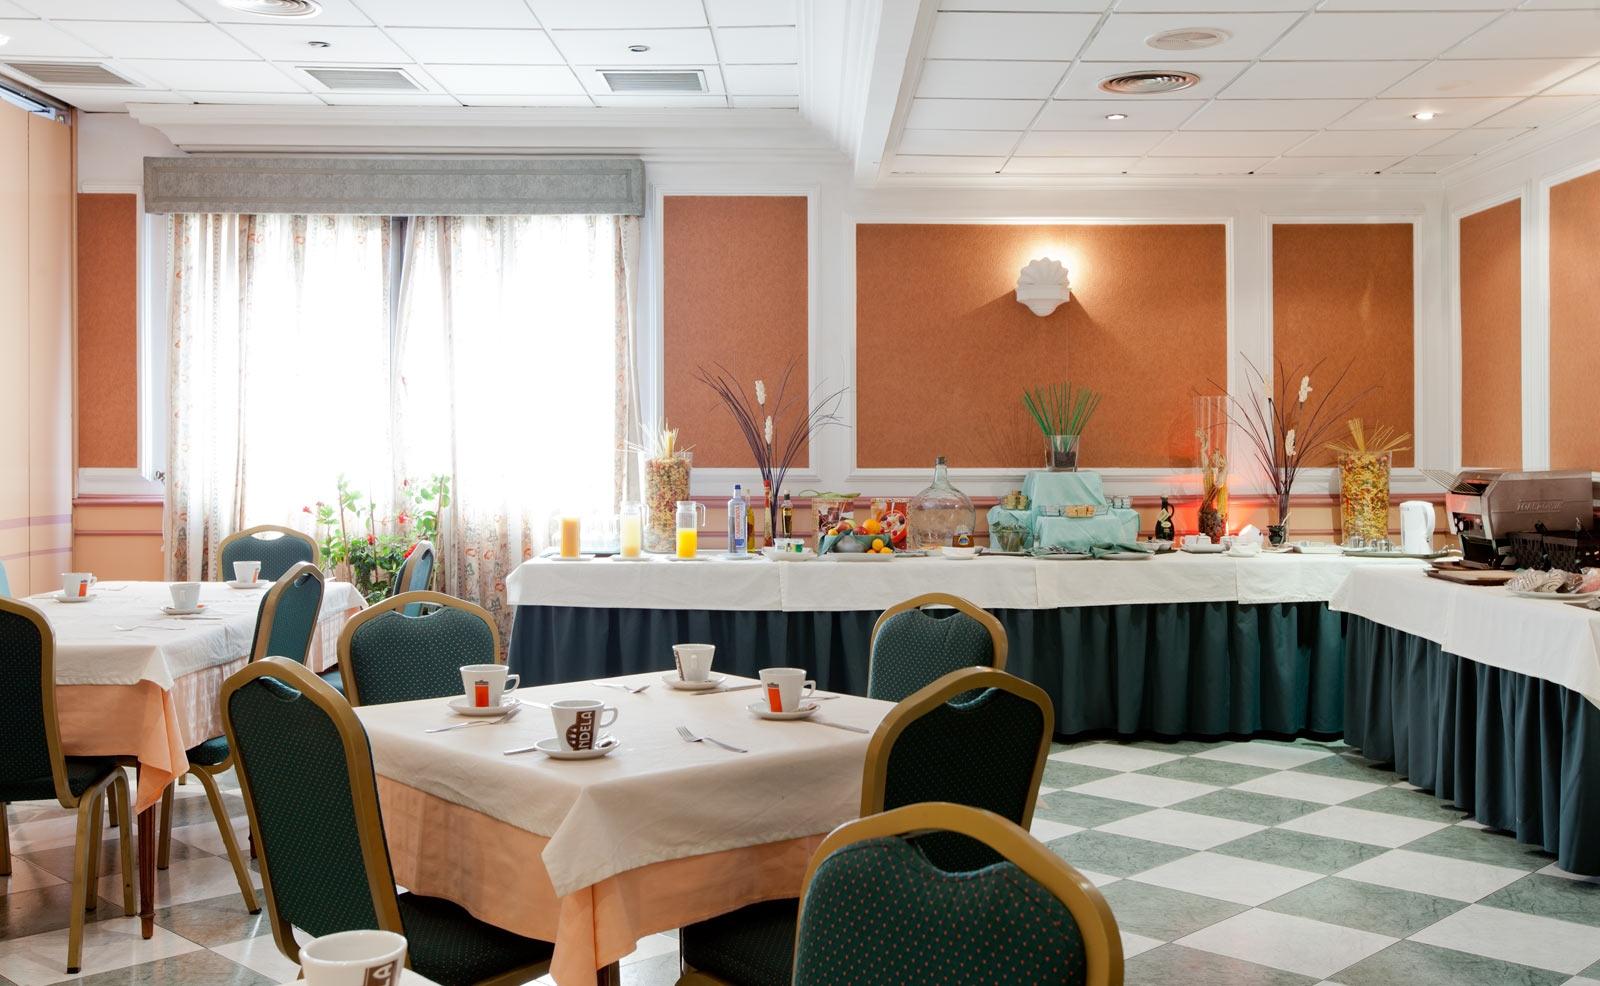 Hotel Galaico | Desayunos